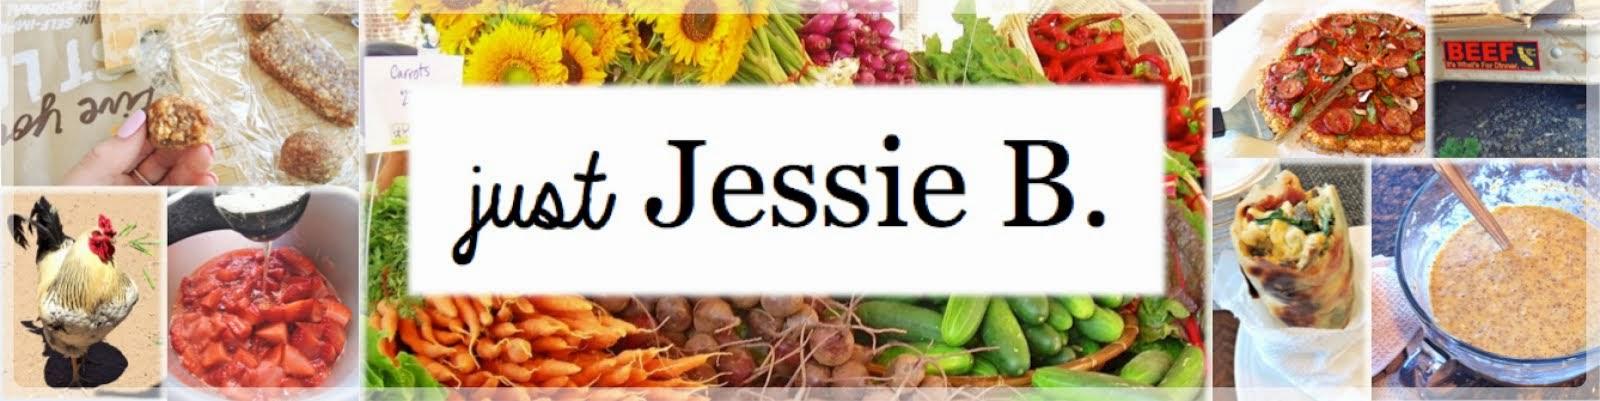 Just Jessie B